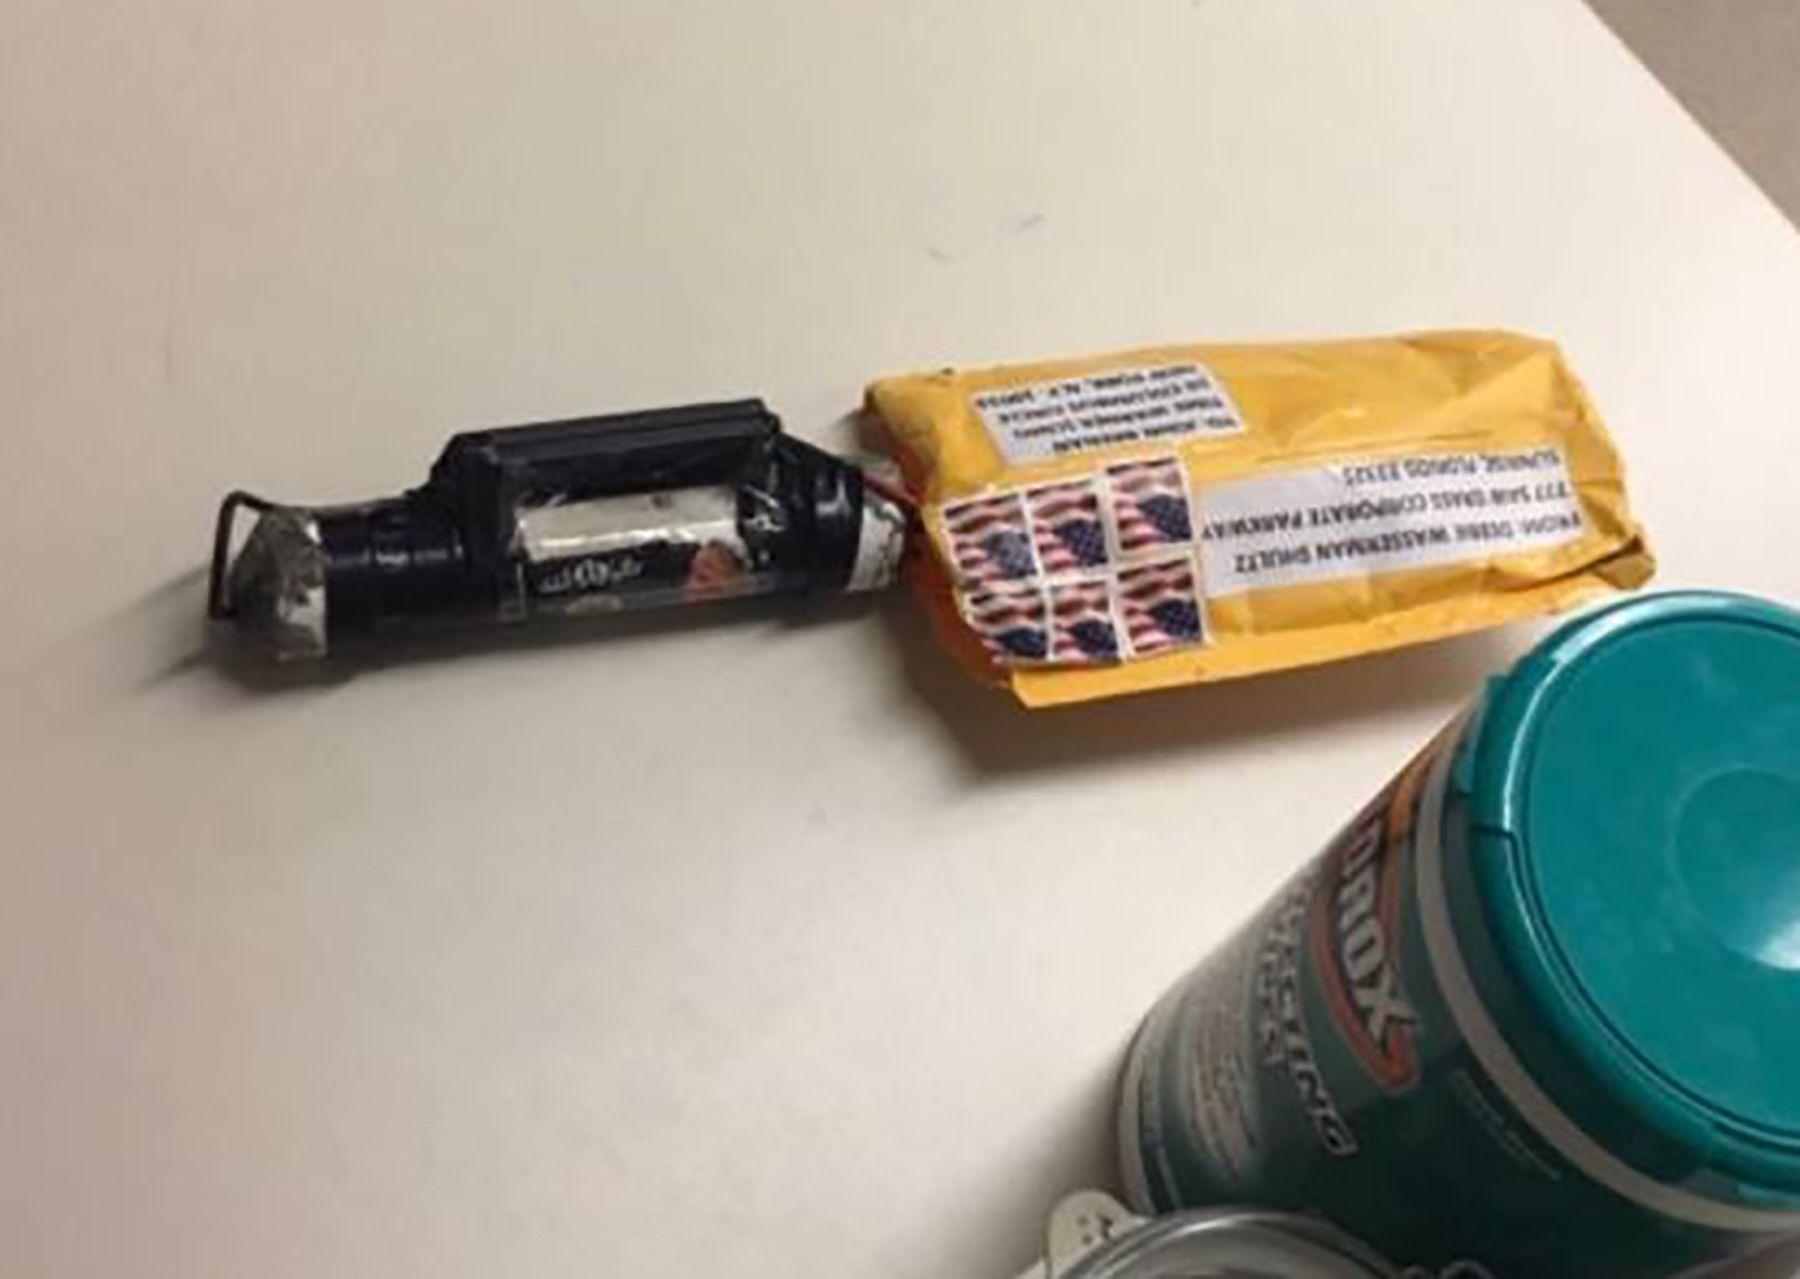 RØRBOMBE: Dette bildet viser pakken som ble sendt til CNN, og som ifølge FBI inneholdt eksplosiver.